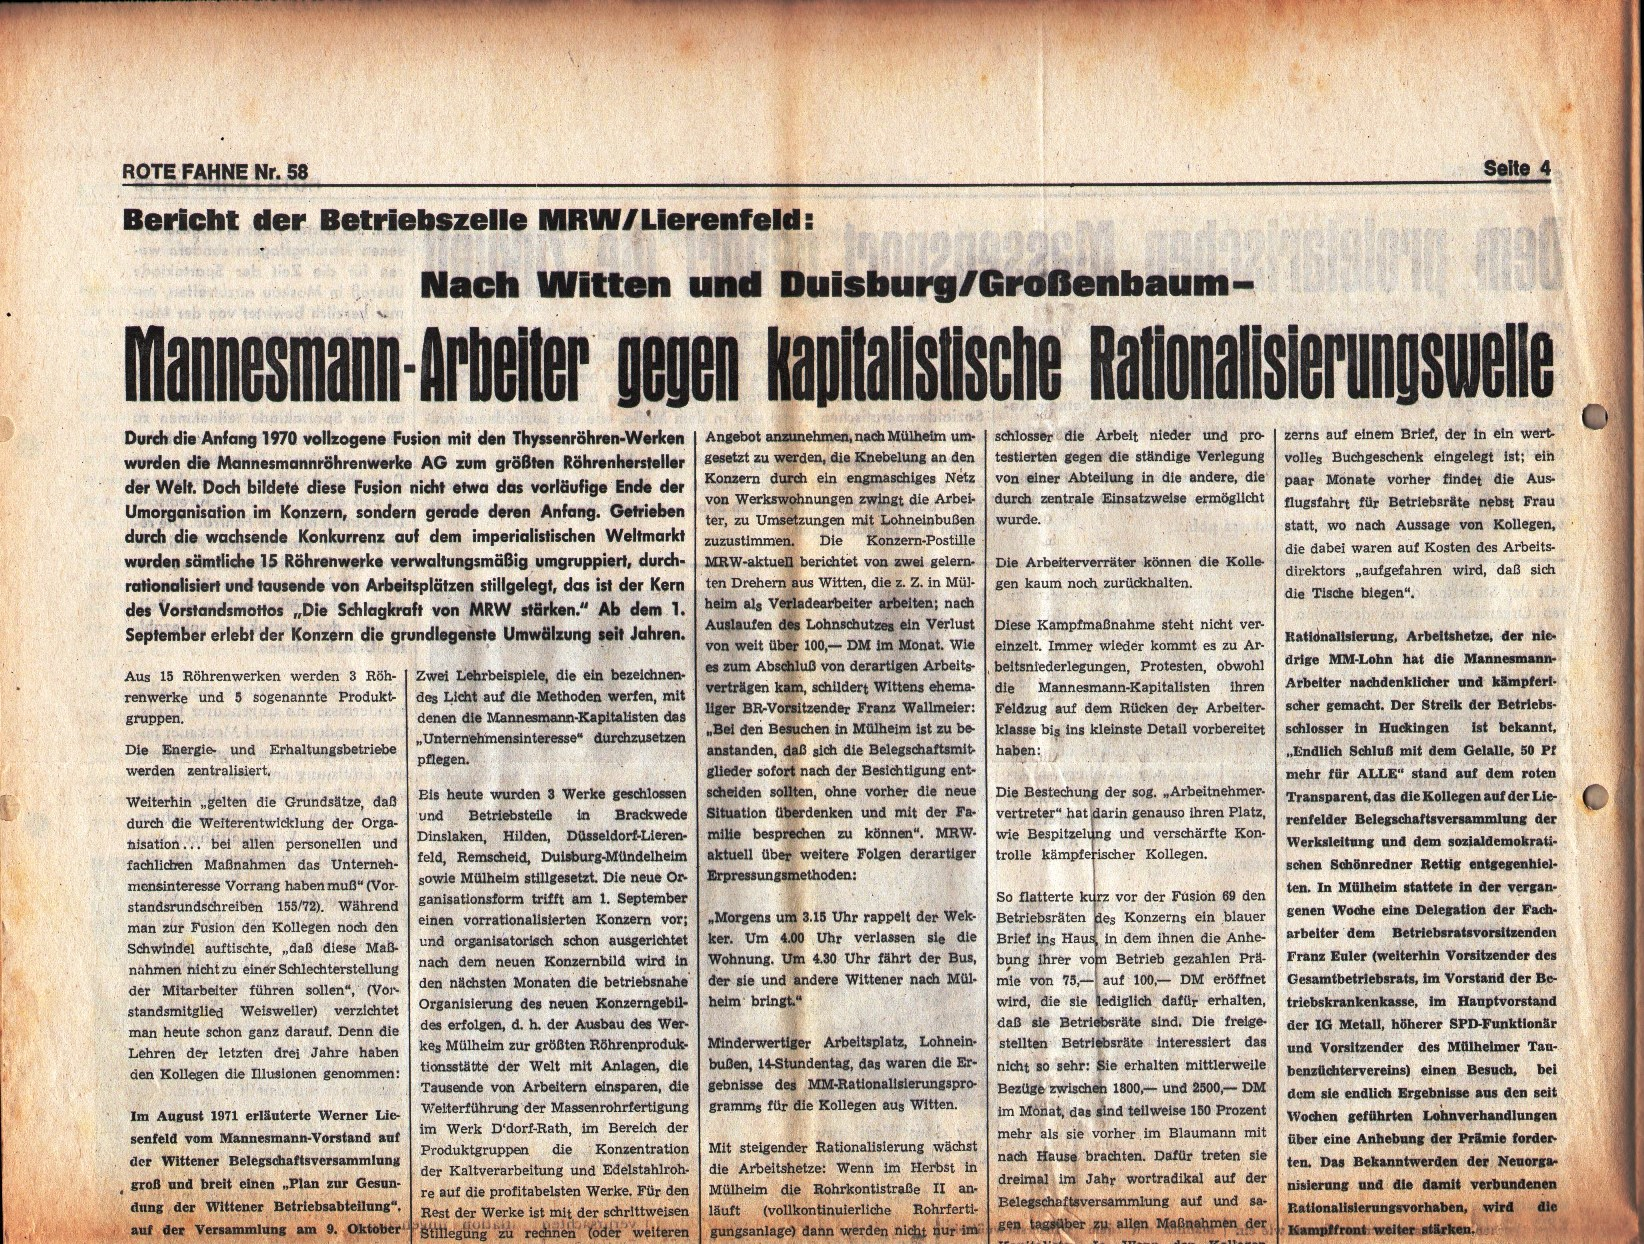 KPD_Rote_Fahne_1972_58_07